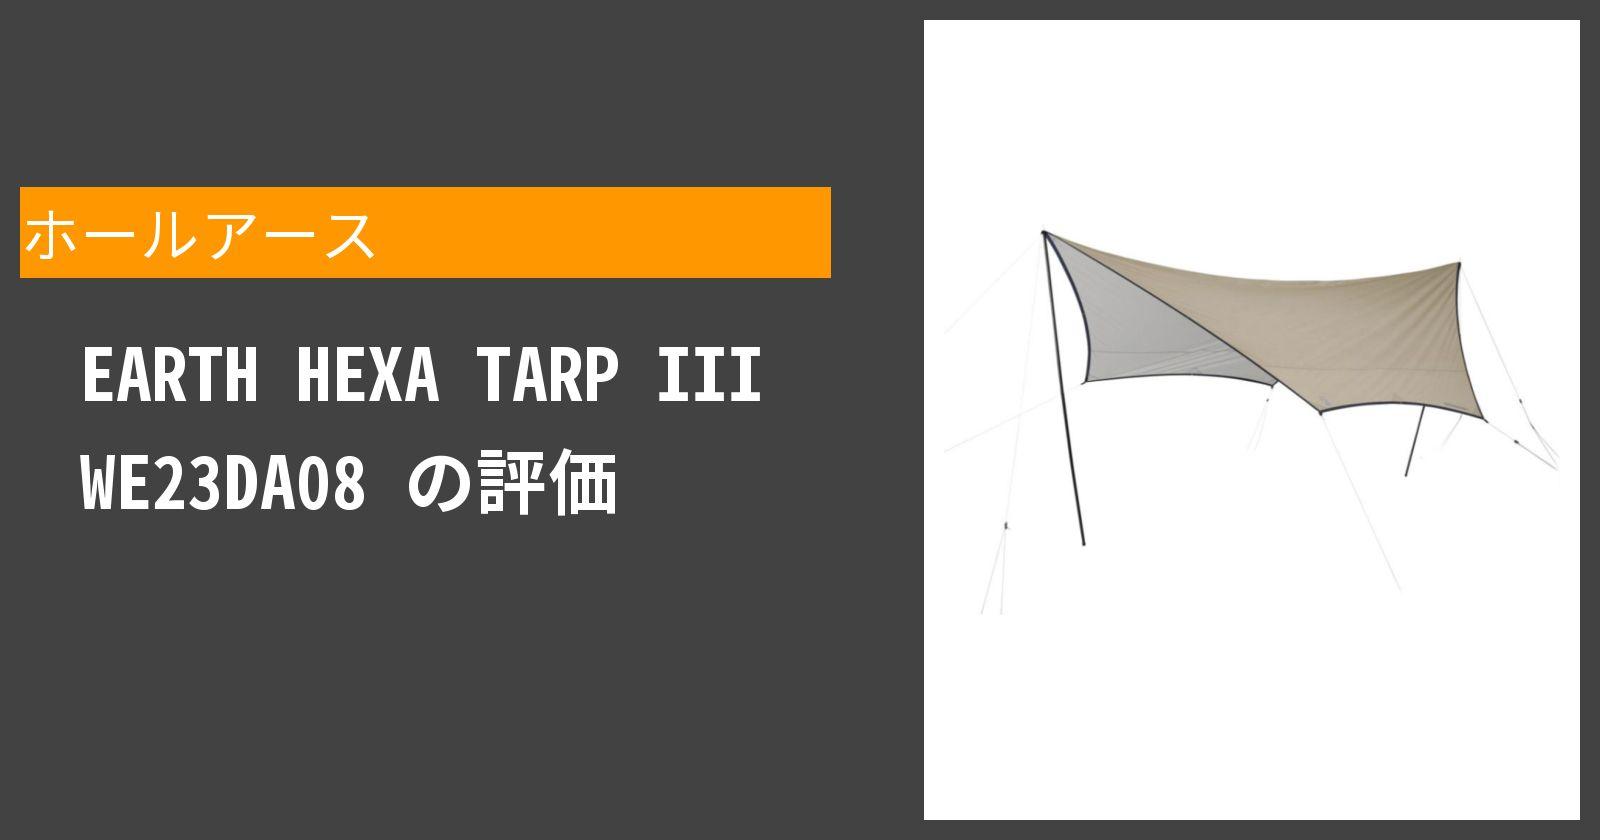 EARTH HEXA TARP III WE23DA08を徹底評価